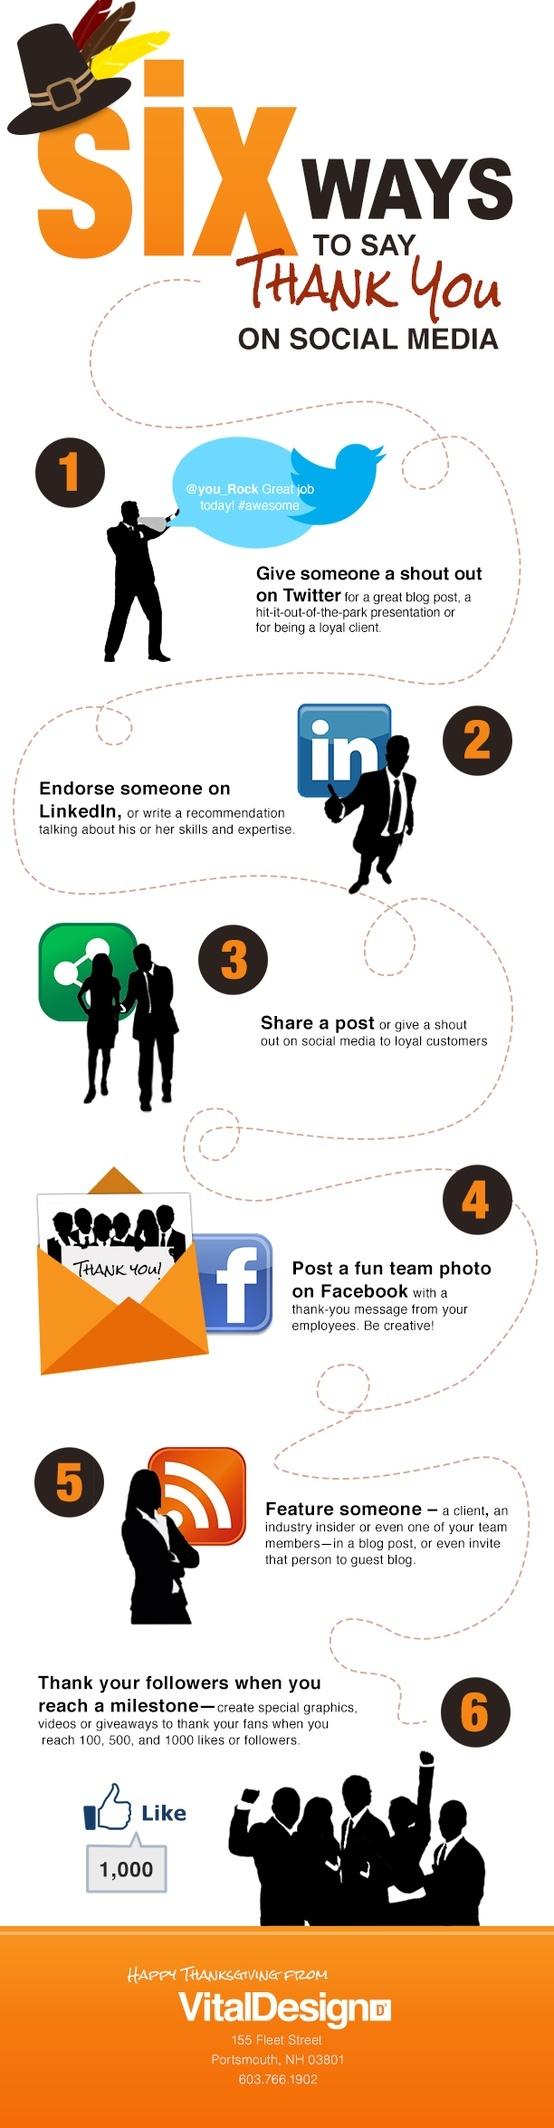 Sosyal Medyada Teşekkür Etmenin 6 Yolu